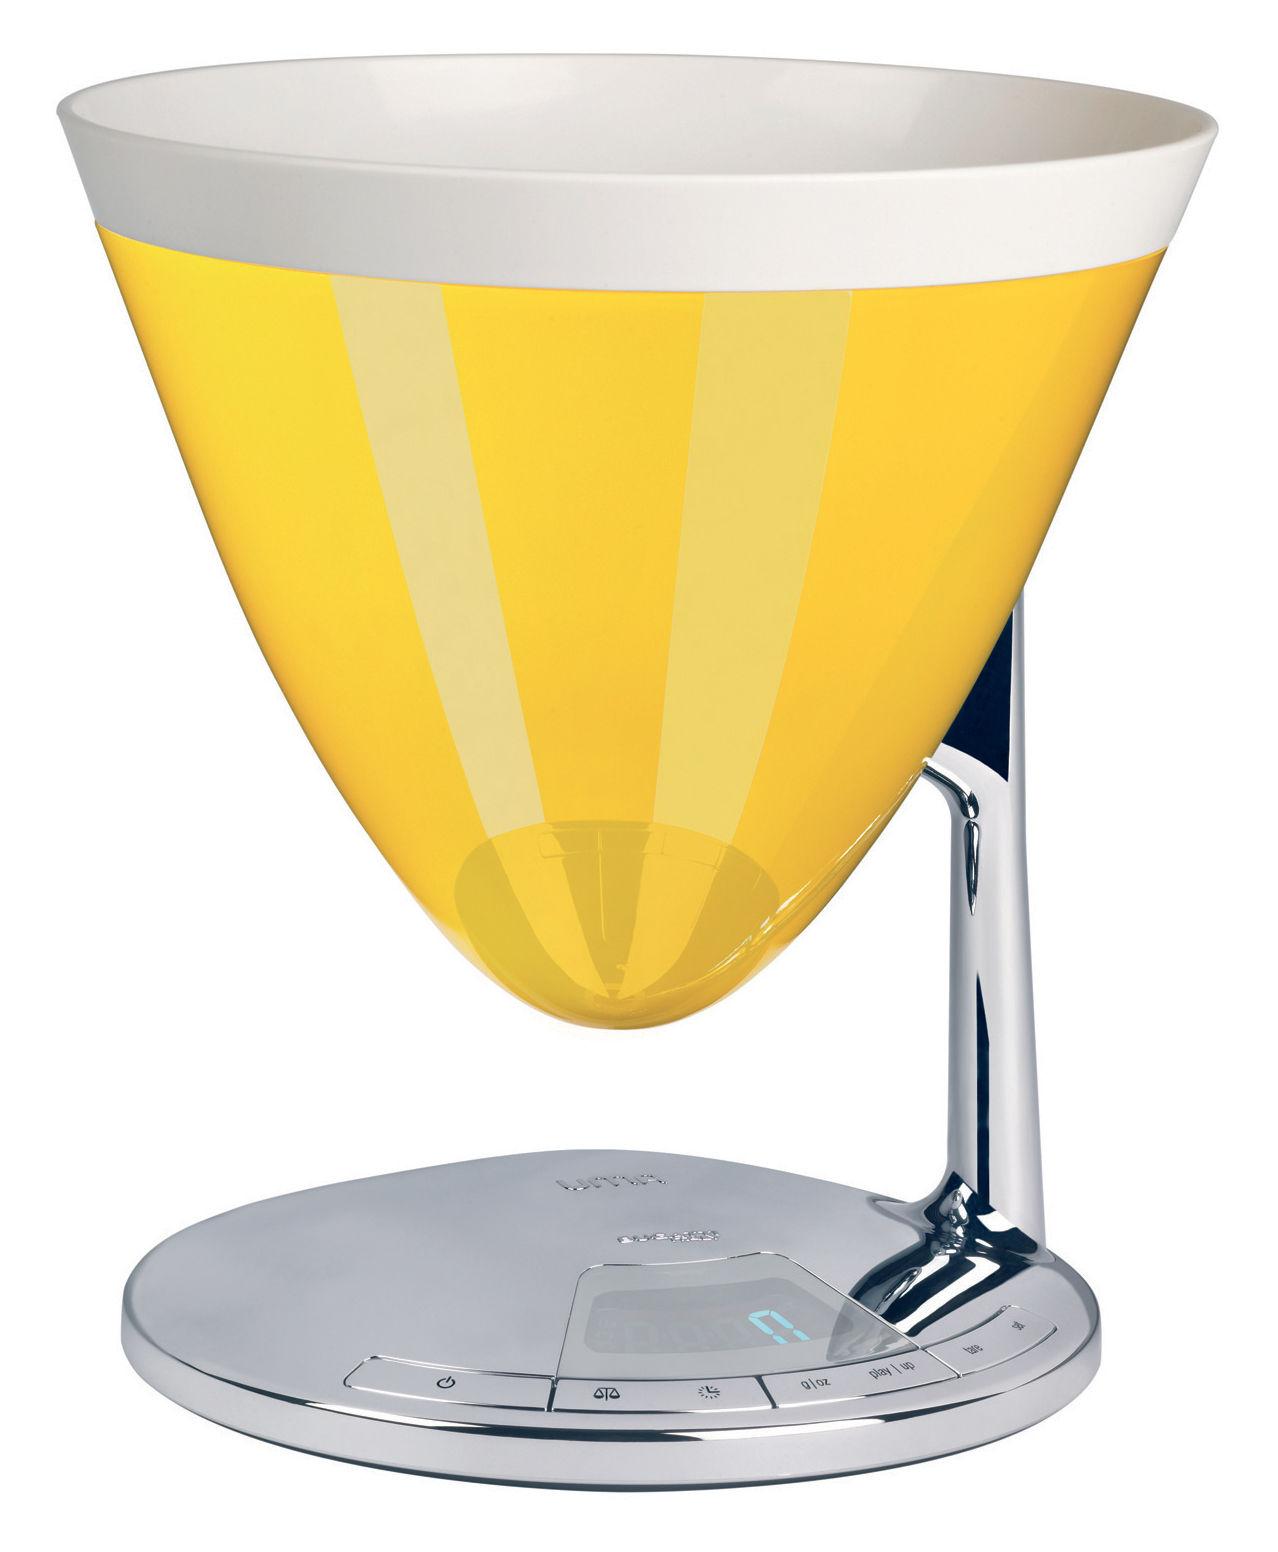 Balance de cuisine lectronique uma minuteur jaune bugatti - Koziol balances ...